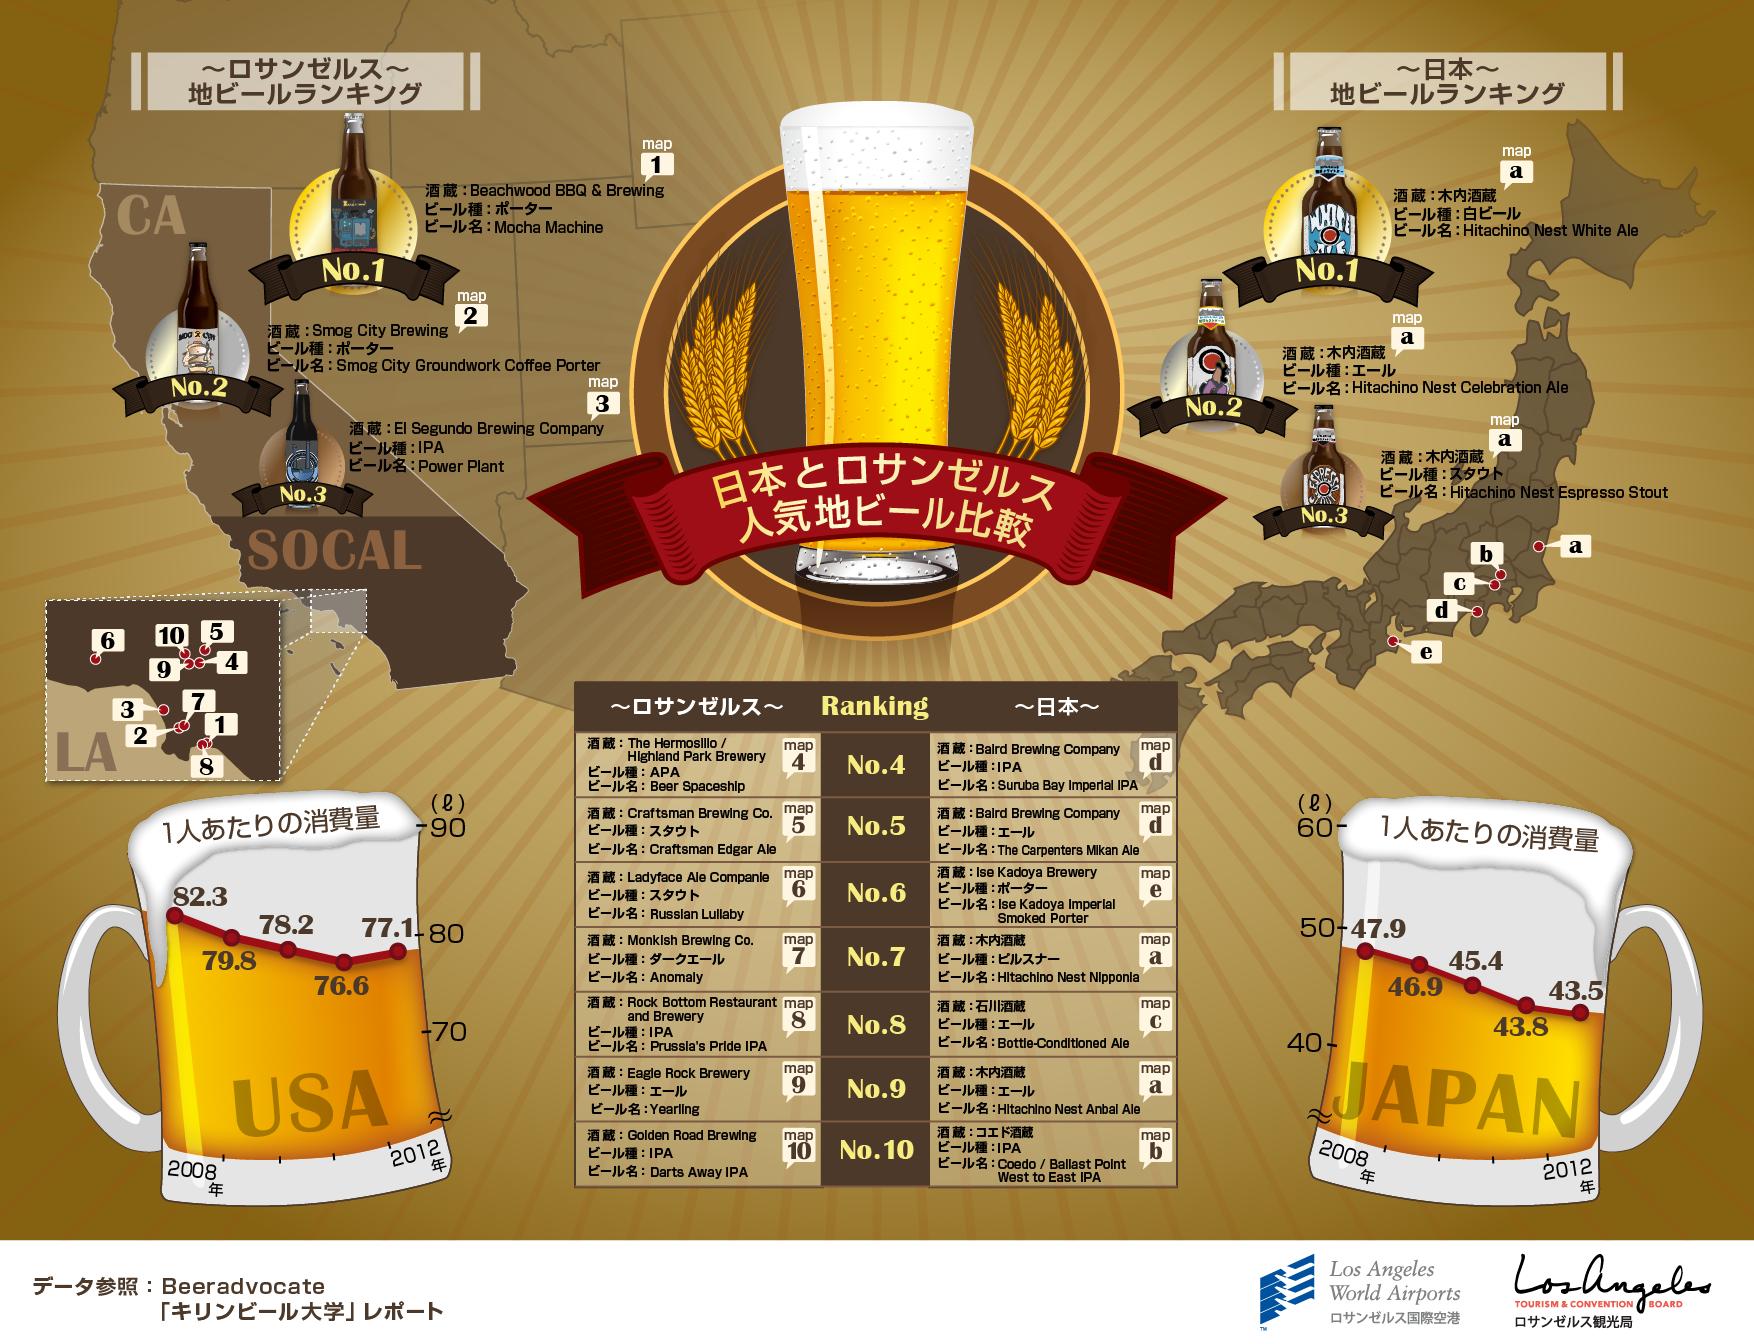 インフォグラフィック:クラフトビールが大人気。木内酒造のホワイトエールは鉄板